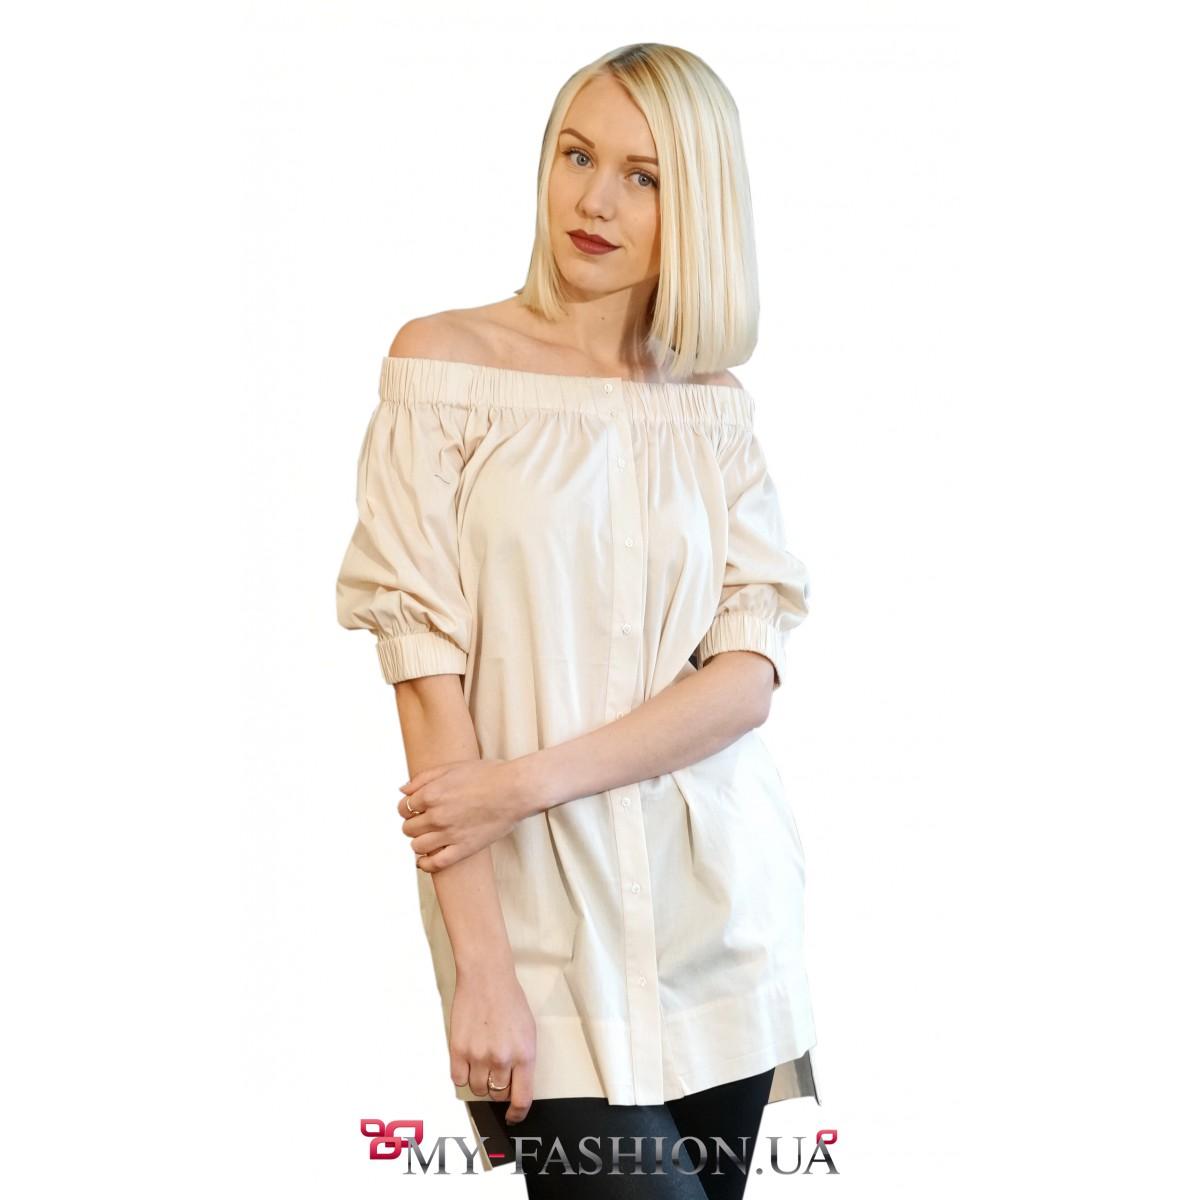 cf504b88b68 Асимметричная женская рубашка молочного цвета купить в интернет ...